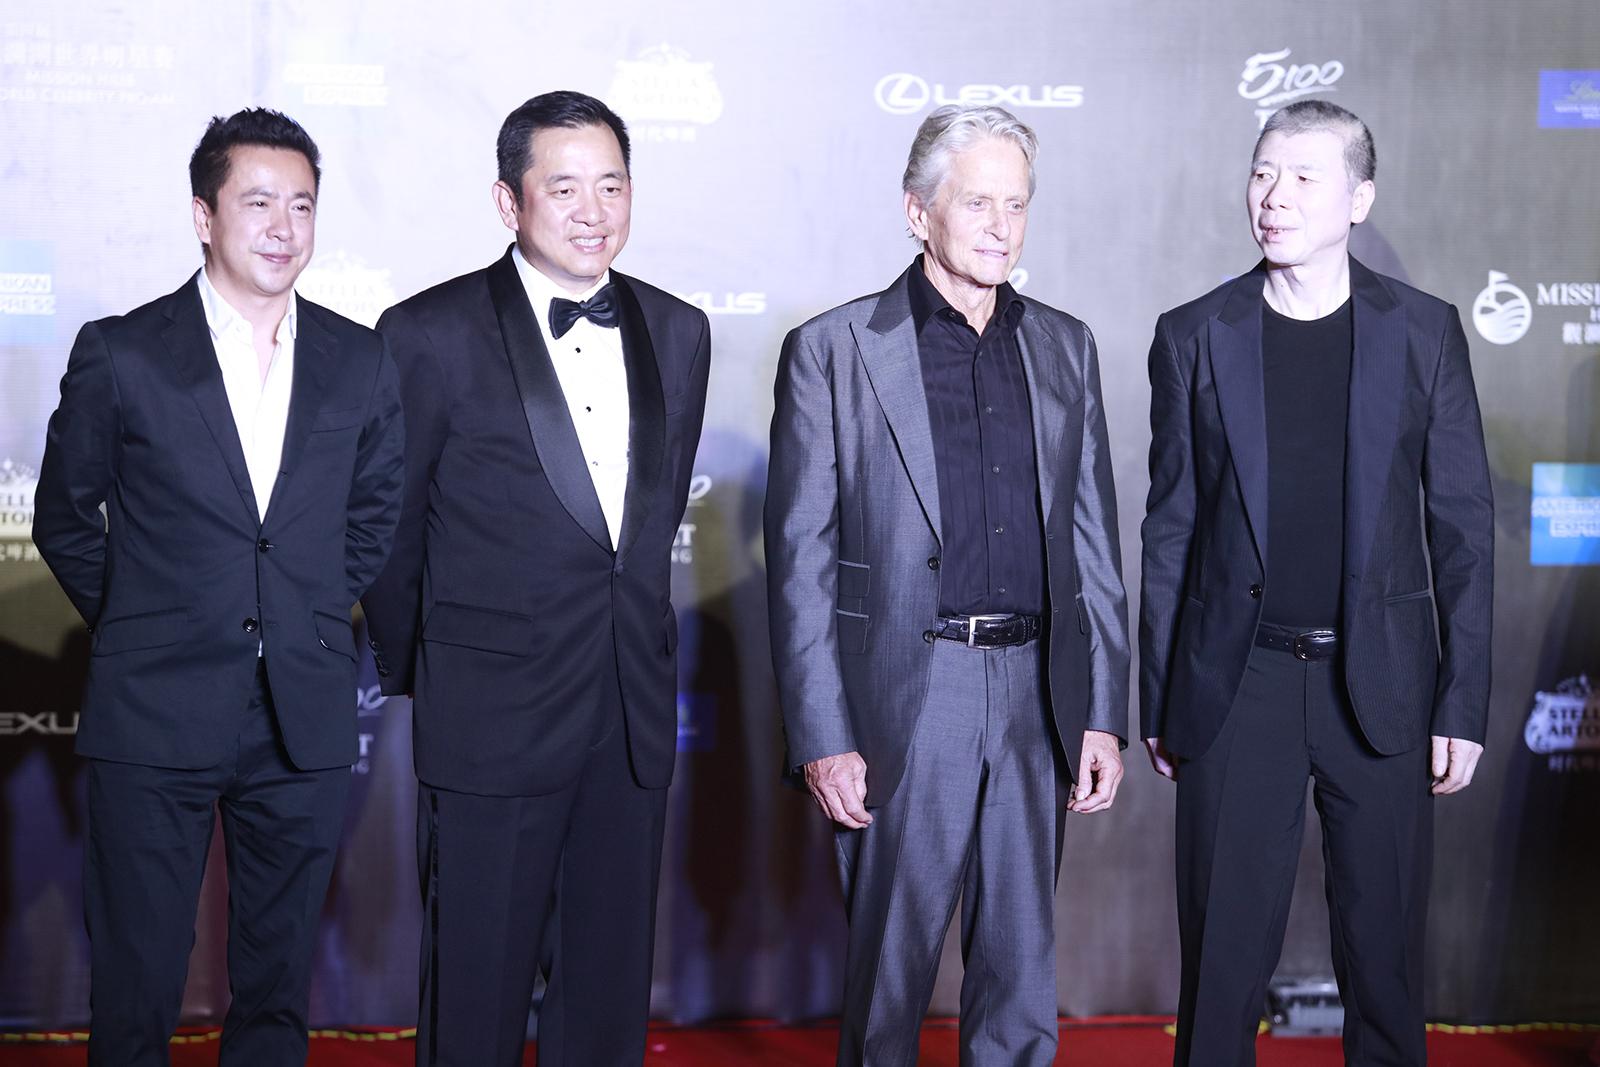 冯小刚直言电影人才匮乏 除了主创剩下都是民工